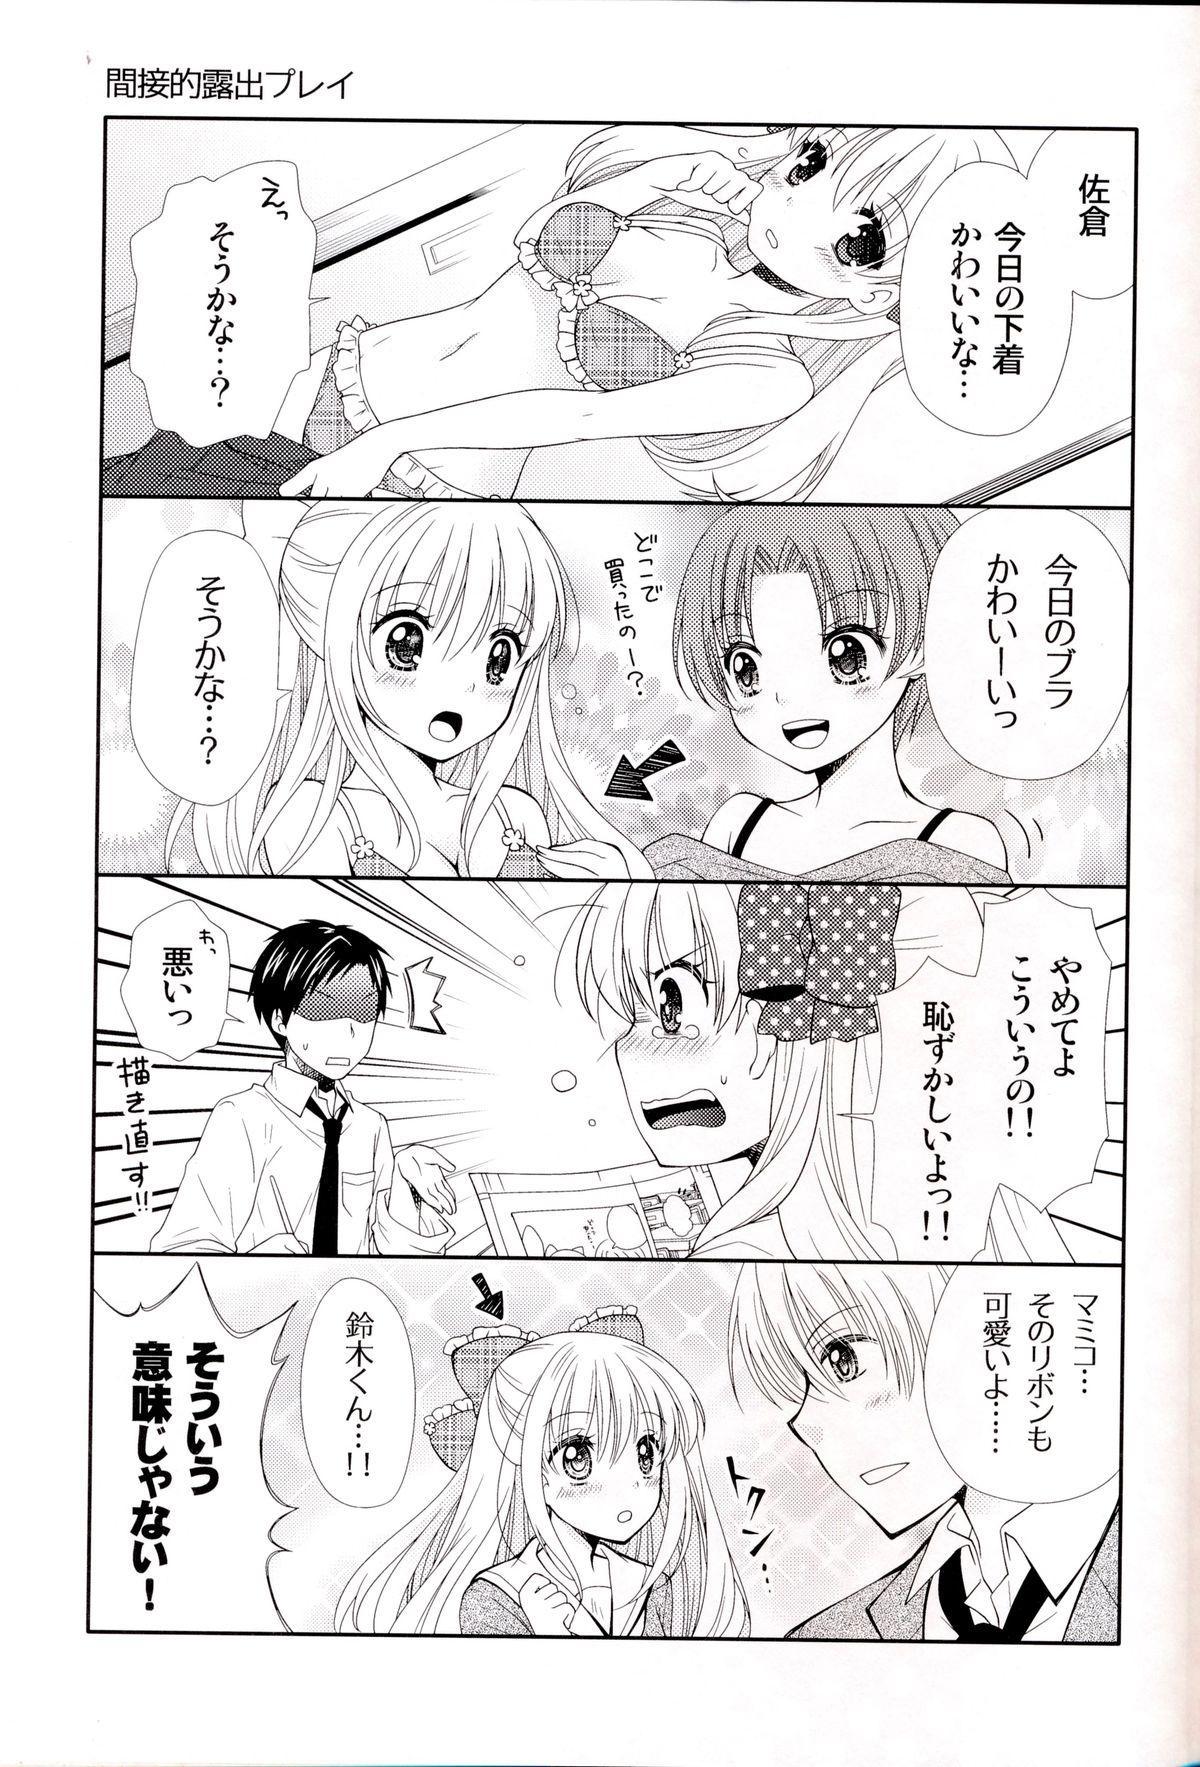 Nozaki-kun, Watashi ni Tetsudaeru koto, Aru? 28